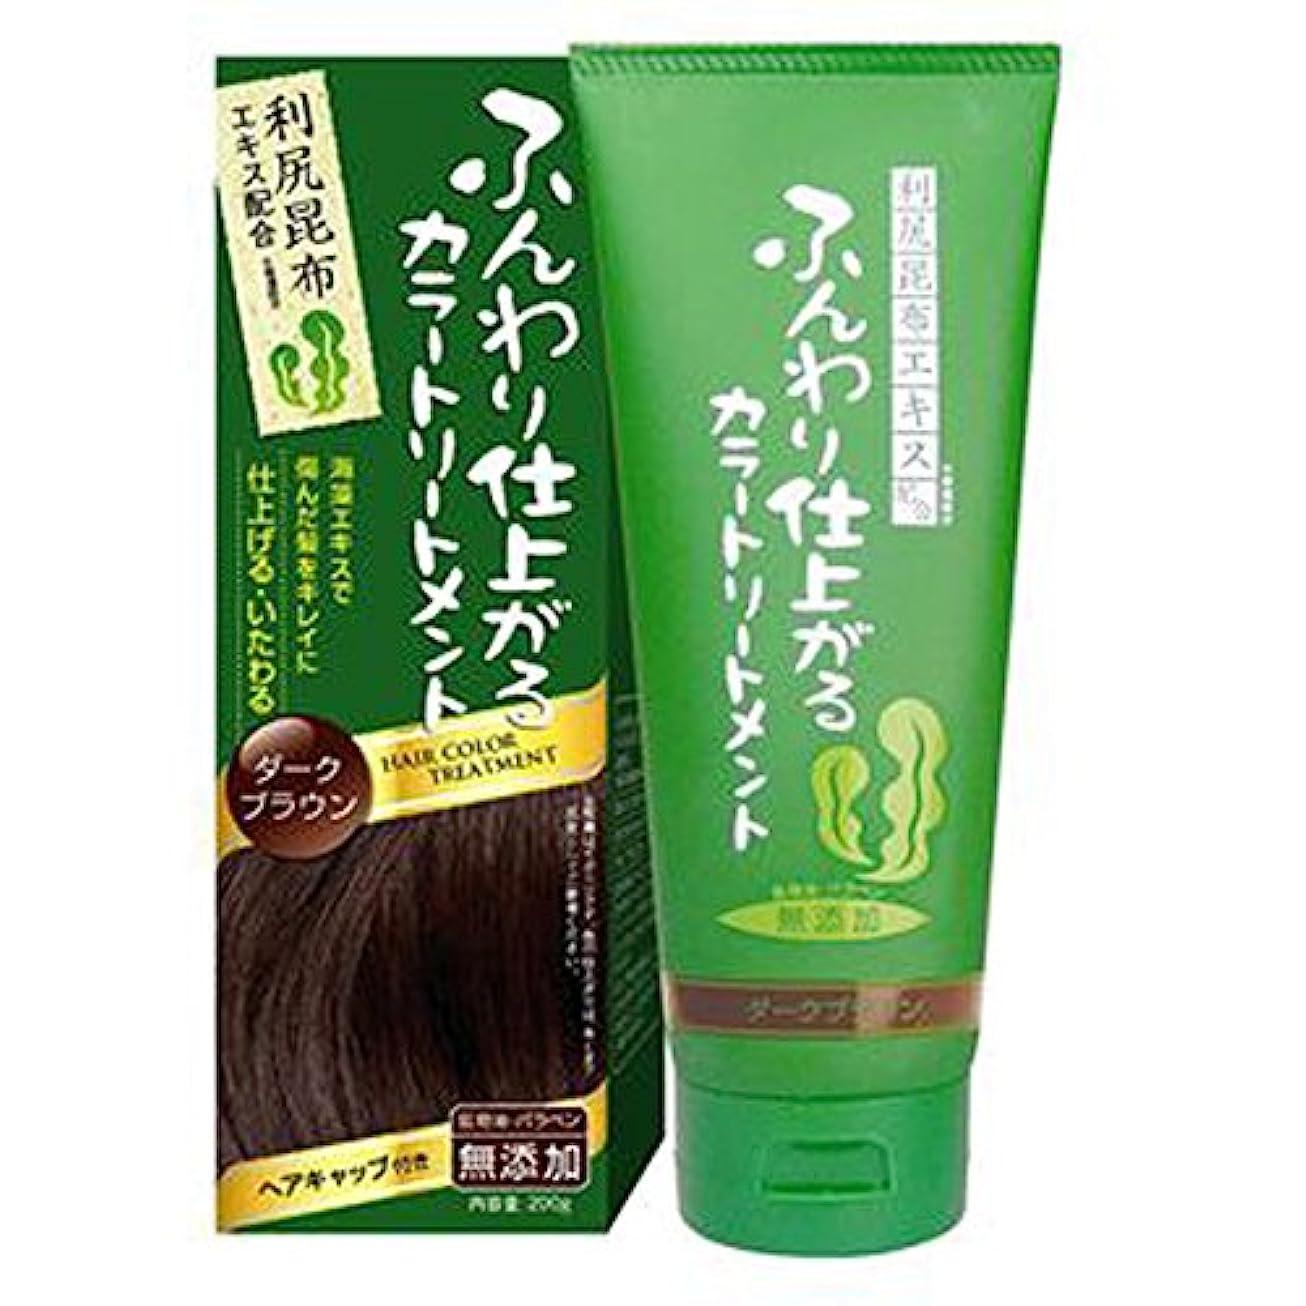 暗い既に依存ふんわり仕上がるカラートリートメント 白髪 染め 保湿 利尻昆布エキス配合 ヘアカラー (200g ダークブラウン) rishiri-haircolor-200g-dbr